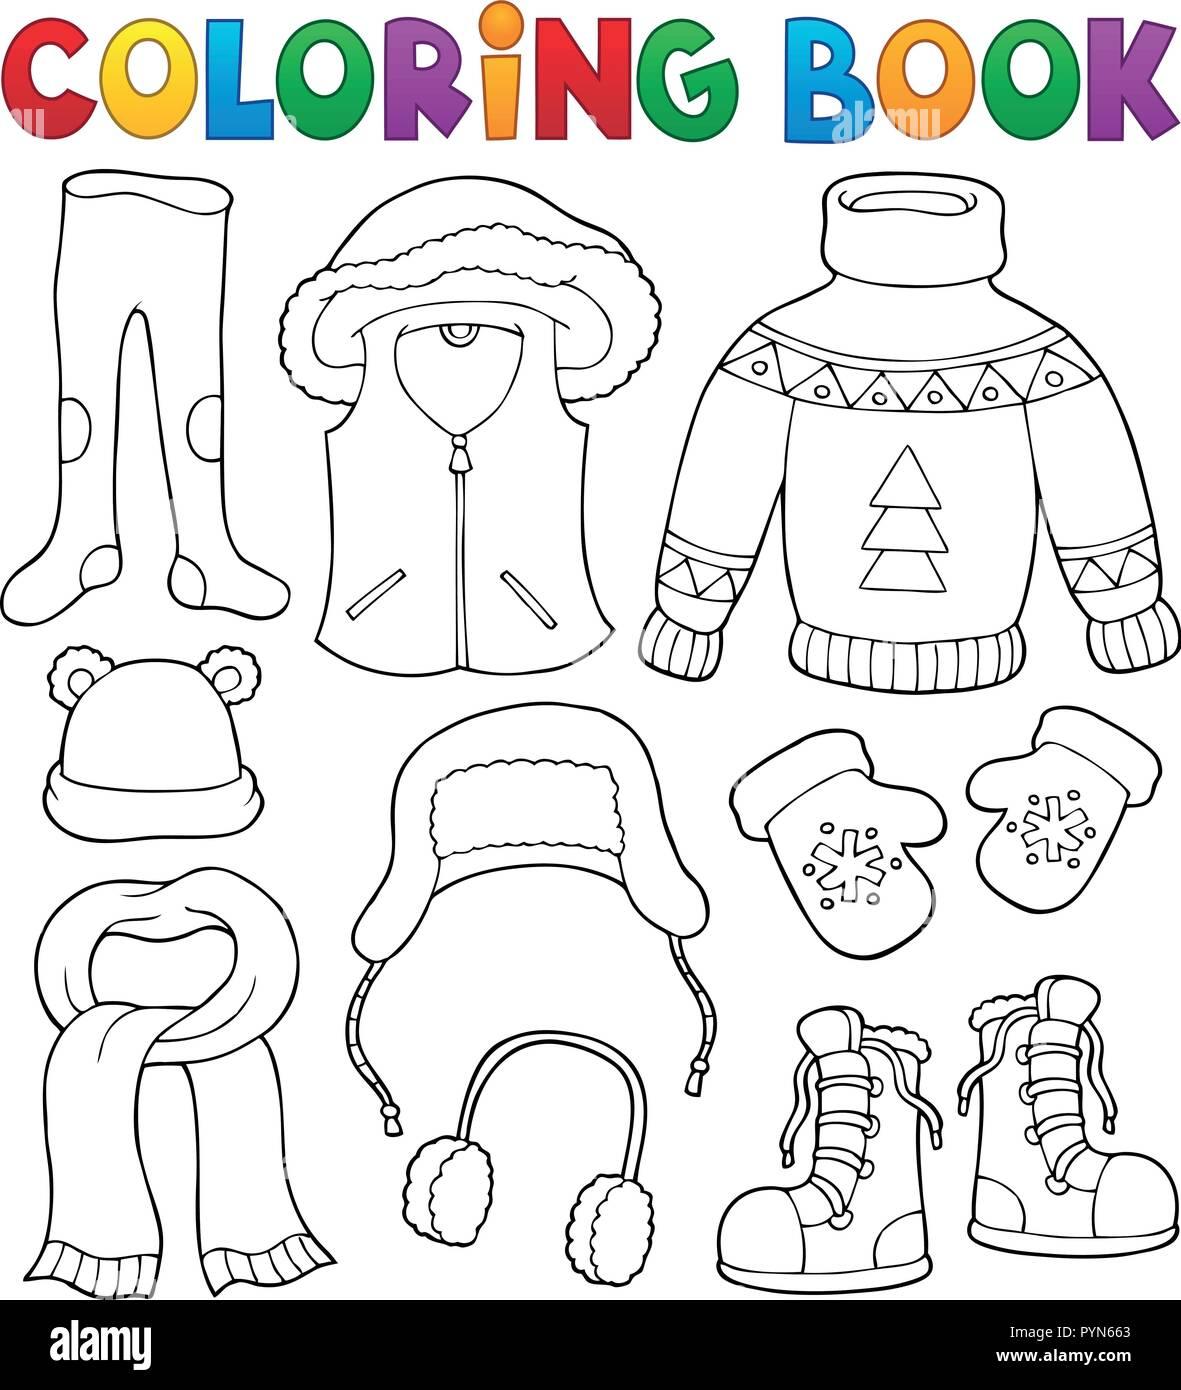 d7b69d131fb4 Coloring book winter clothes topic set 2 - eps10 vector illustration ...